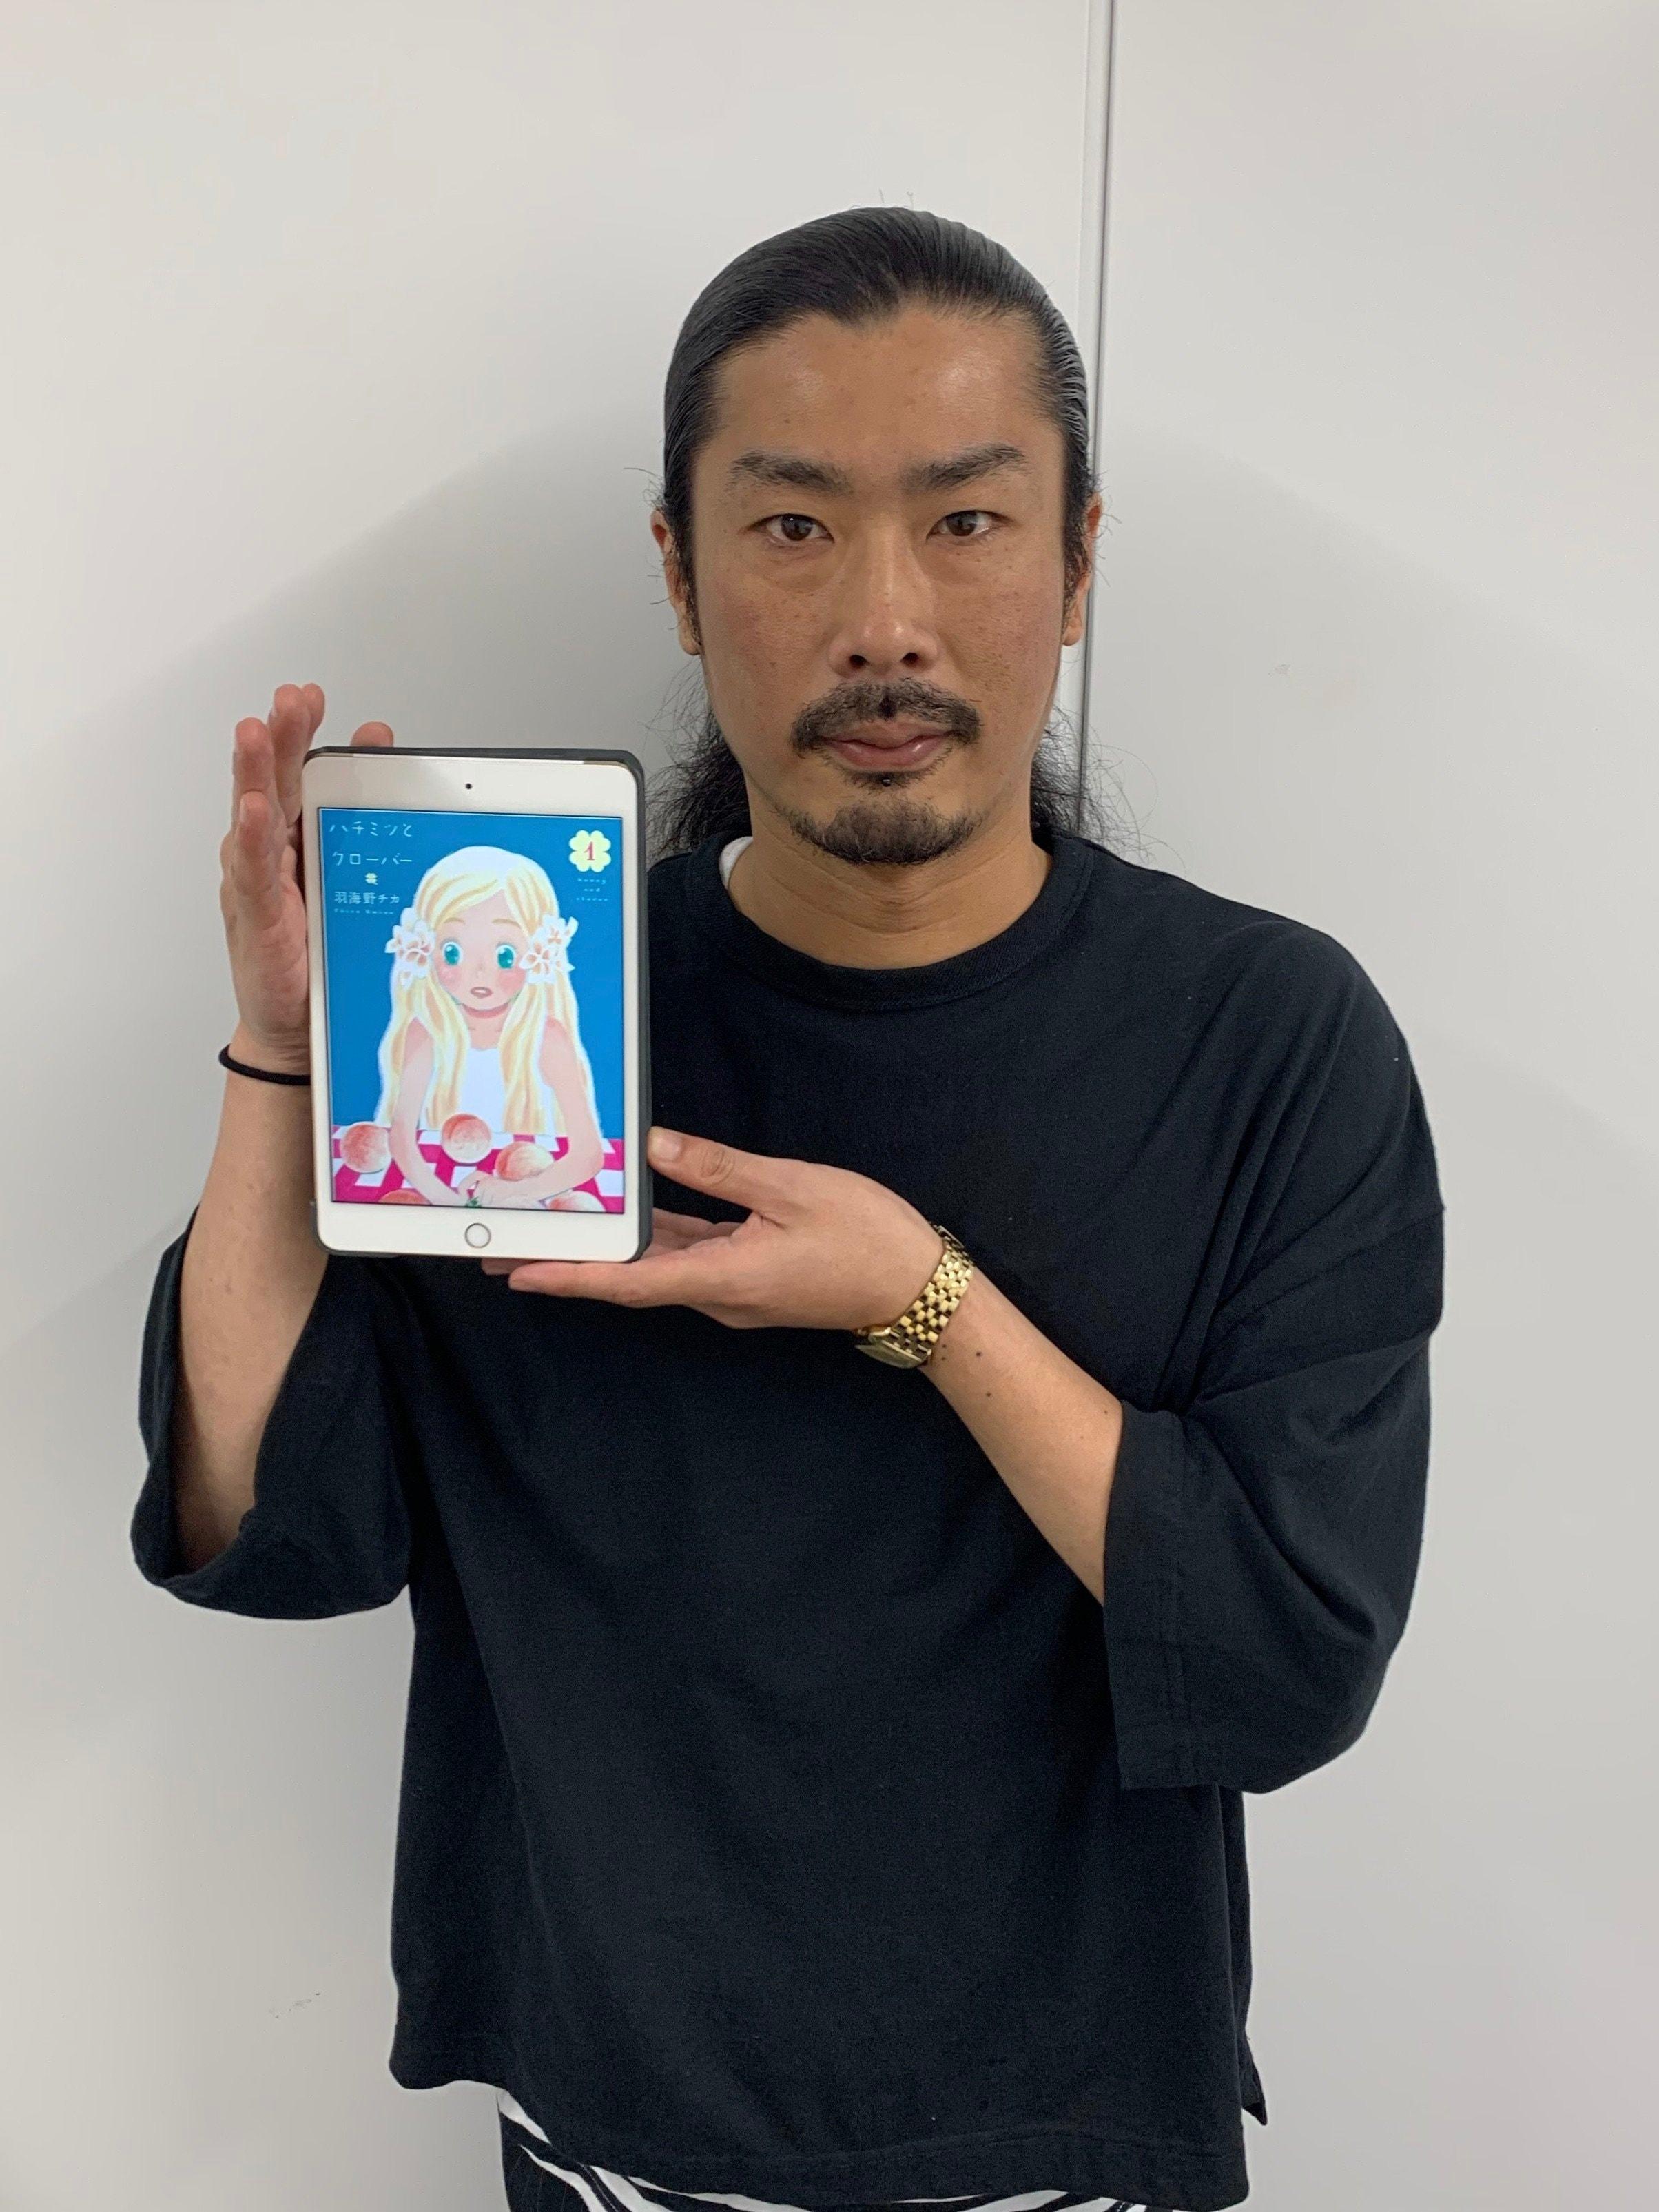 パンサー菅が語る、羽海野チカの傑作漫画『ハチミツとクローバー』の魅力の画像001